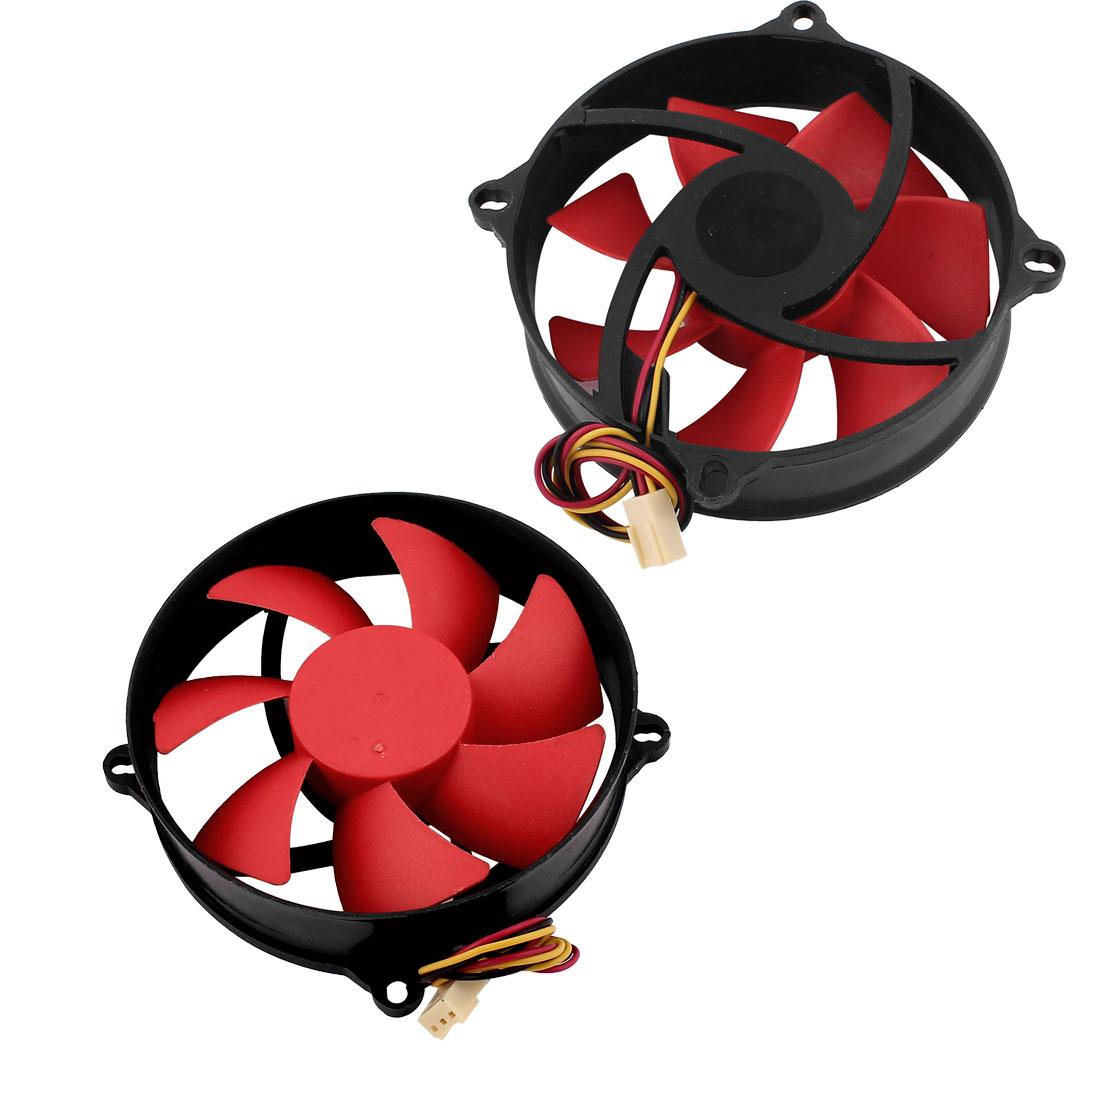 2Pcs DC 12V 0.18A 3P PC Computer Case CPU Cooler Cooling Fan 95x95mm